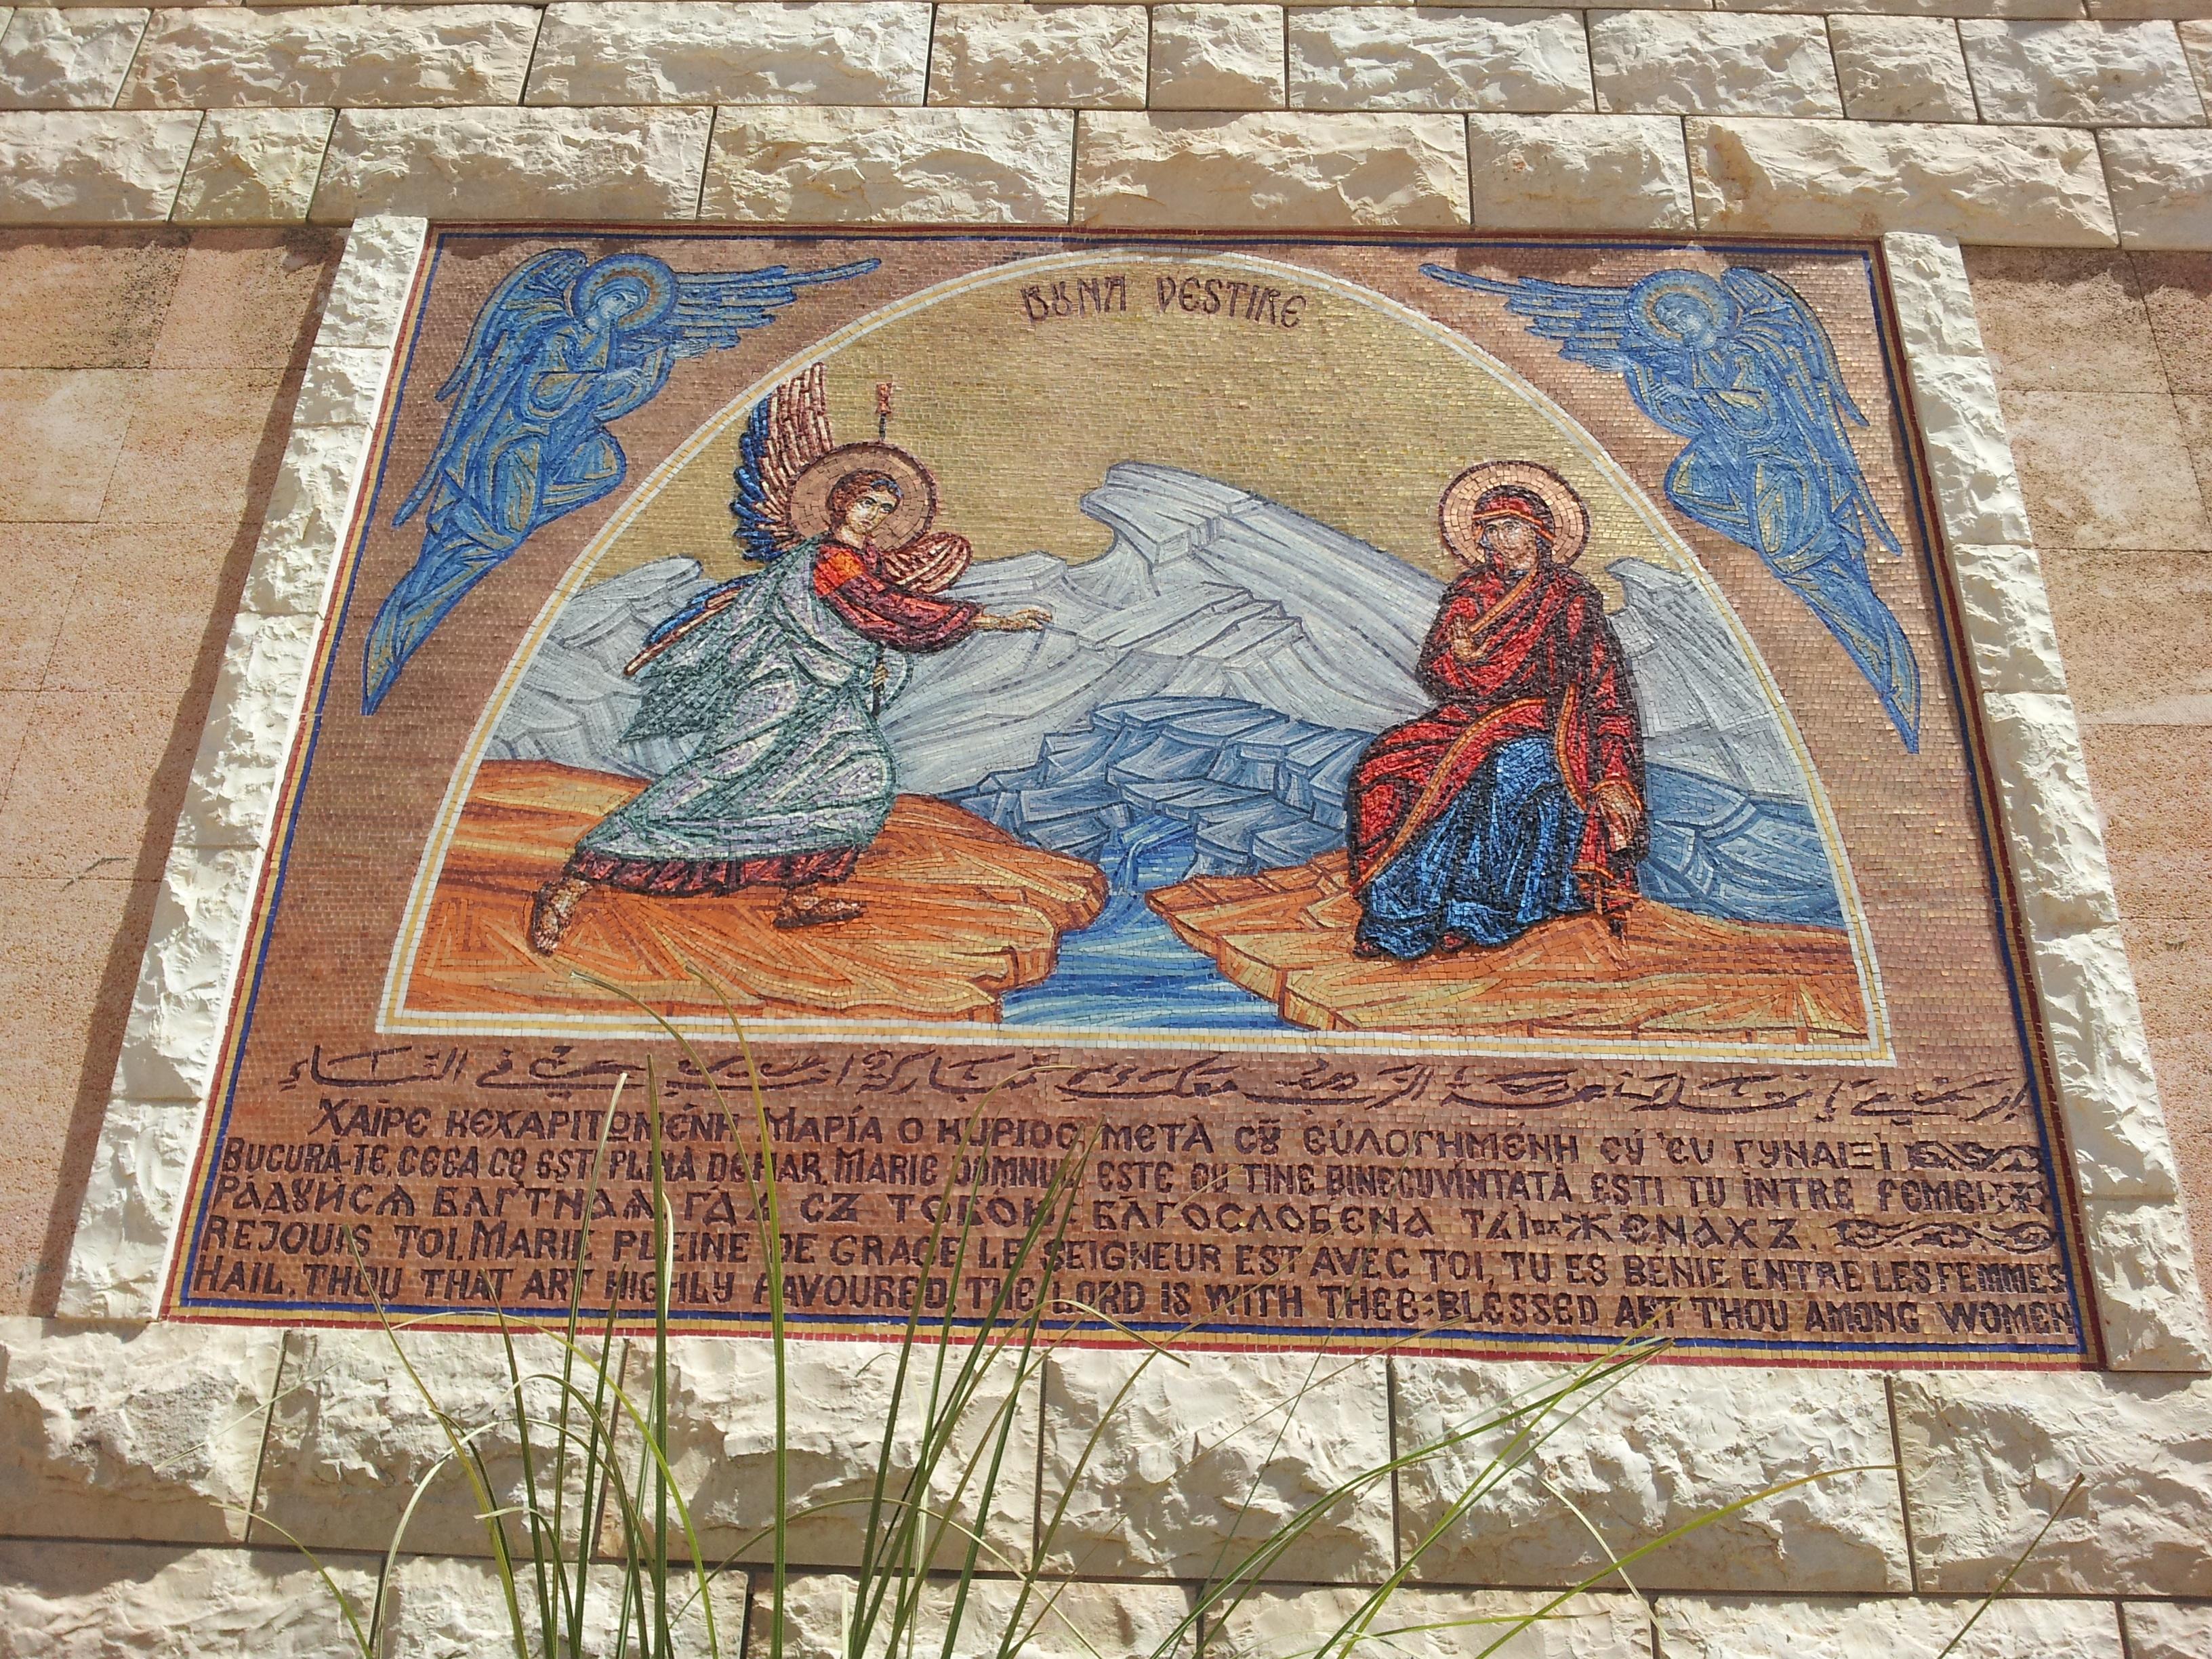 20120827_135834 Buna-vestire_mozaic